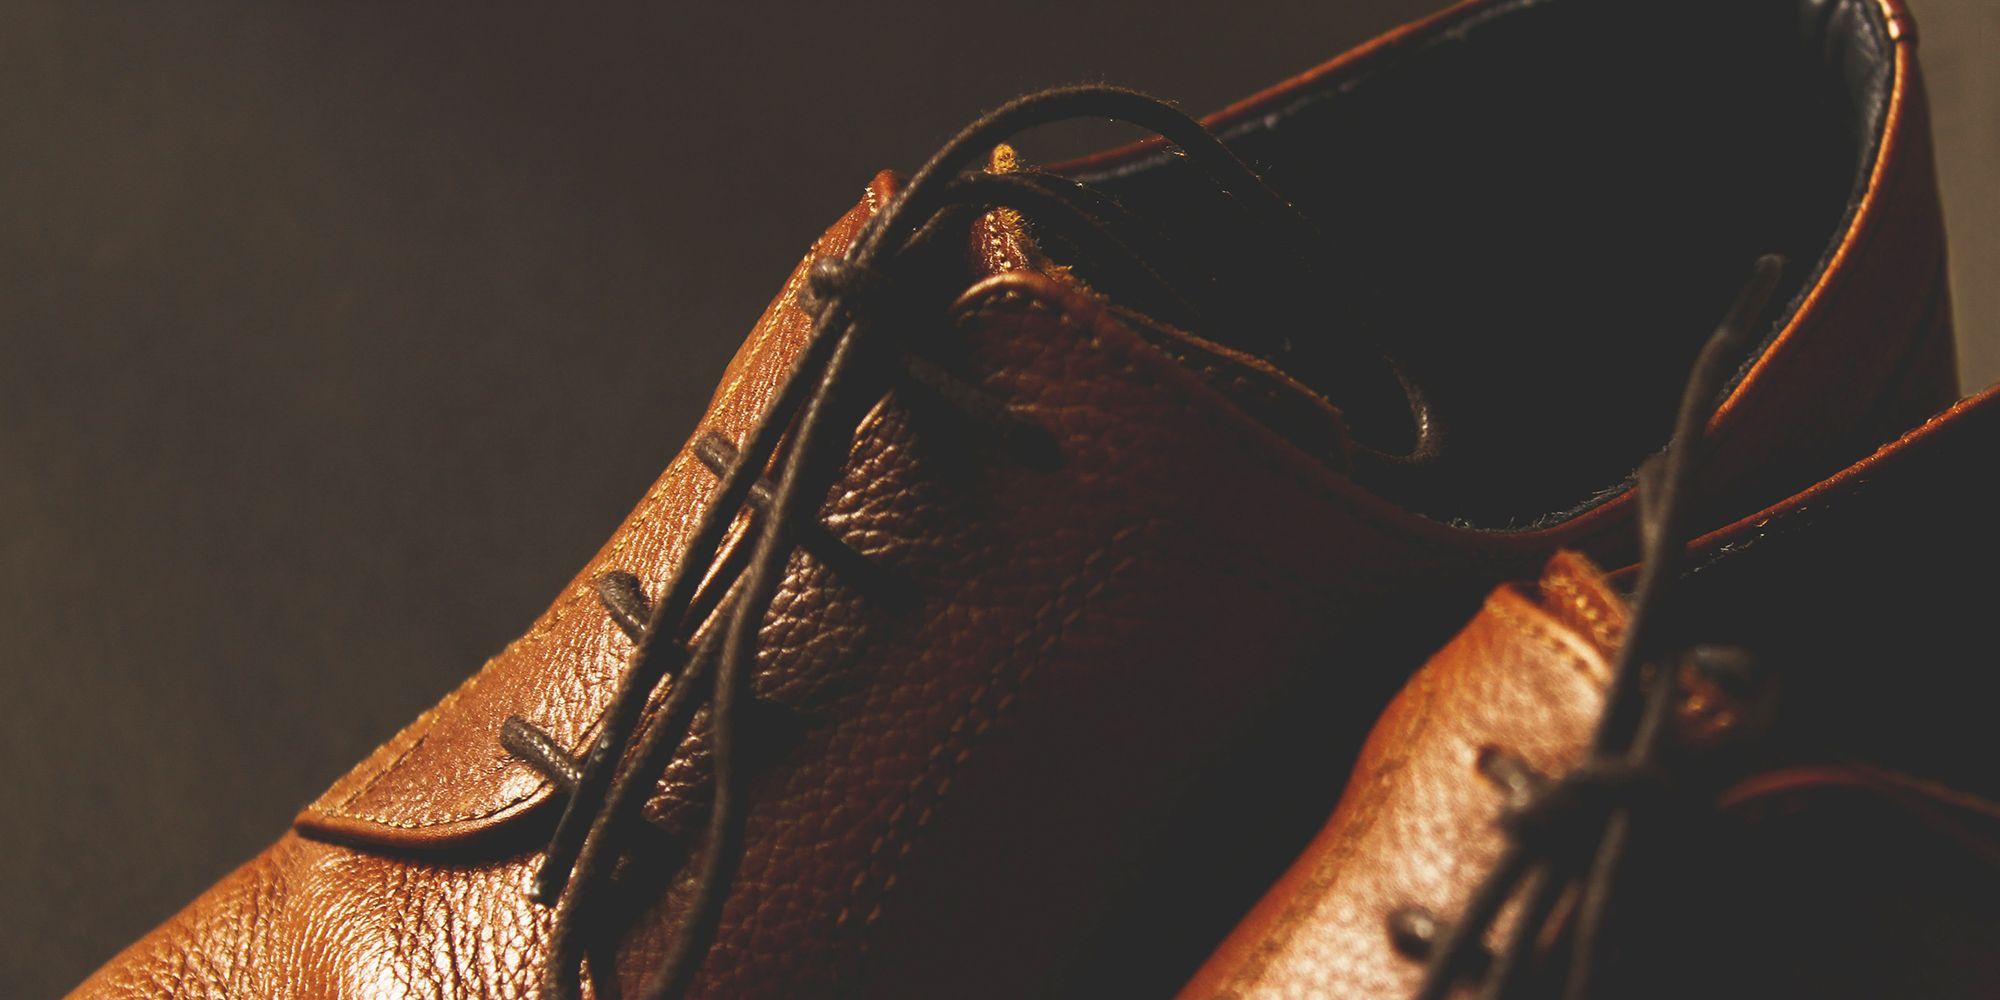 Le scarpe perfette per ogni look di cui avrai bisogno questa primavera